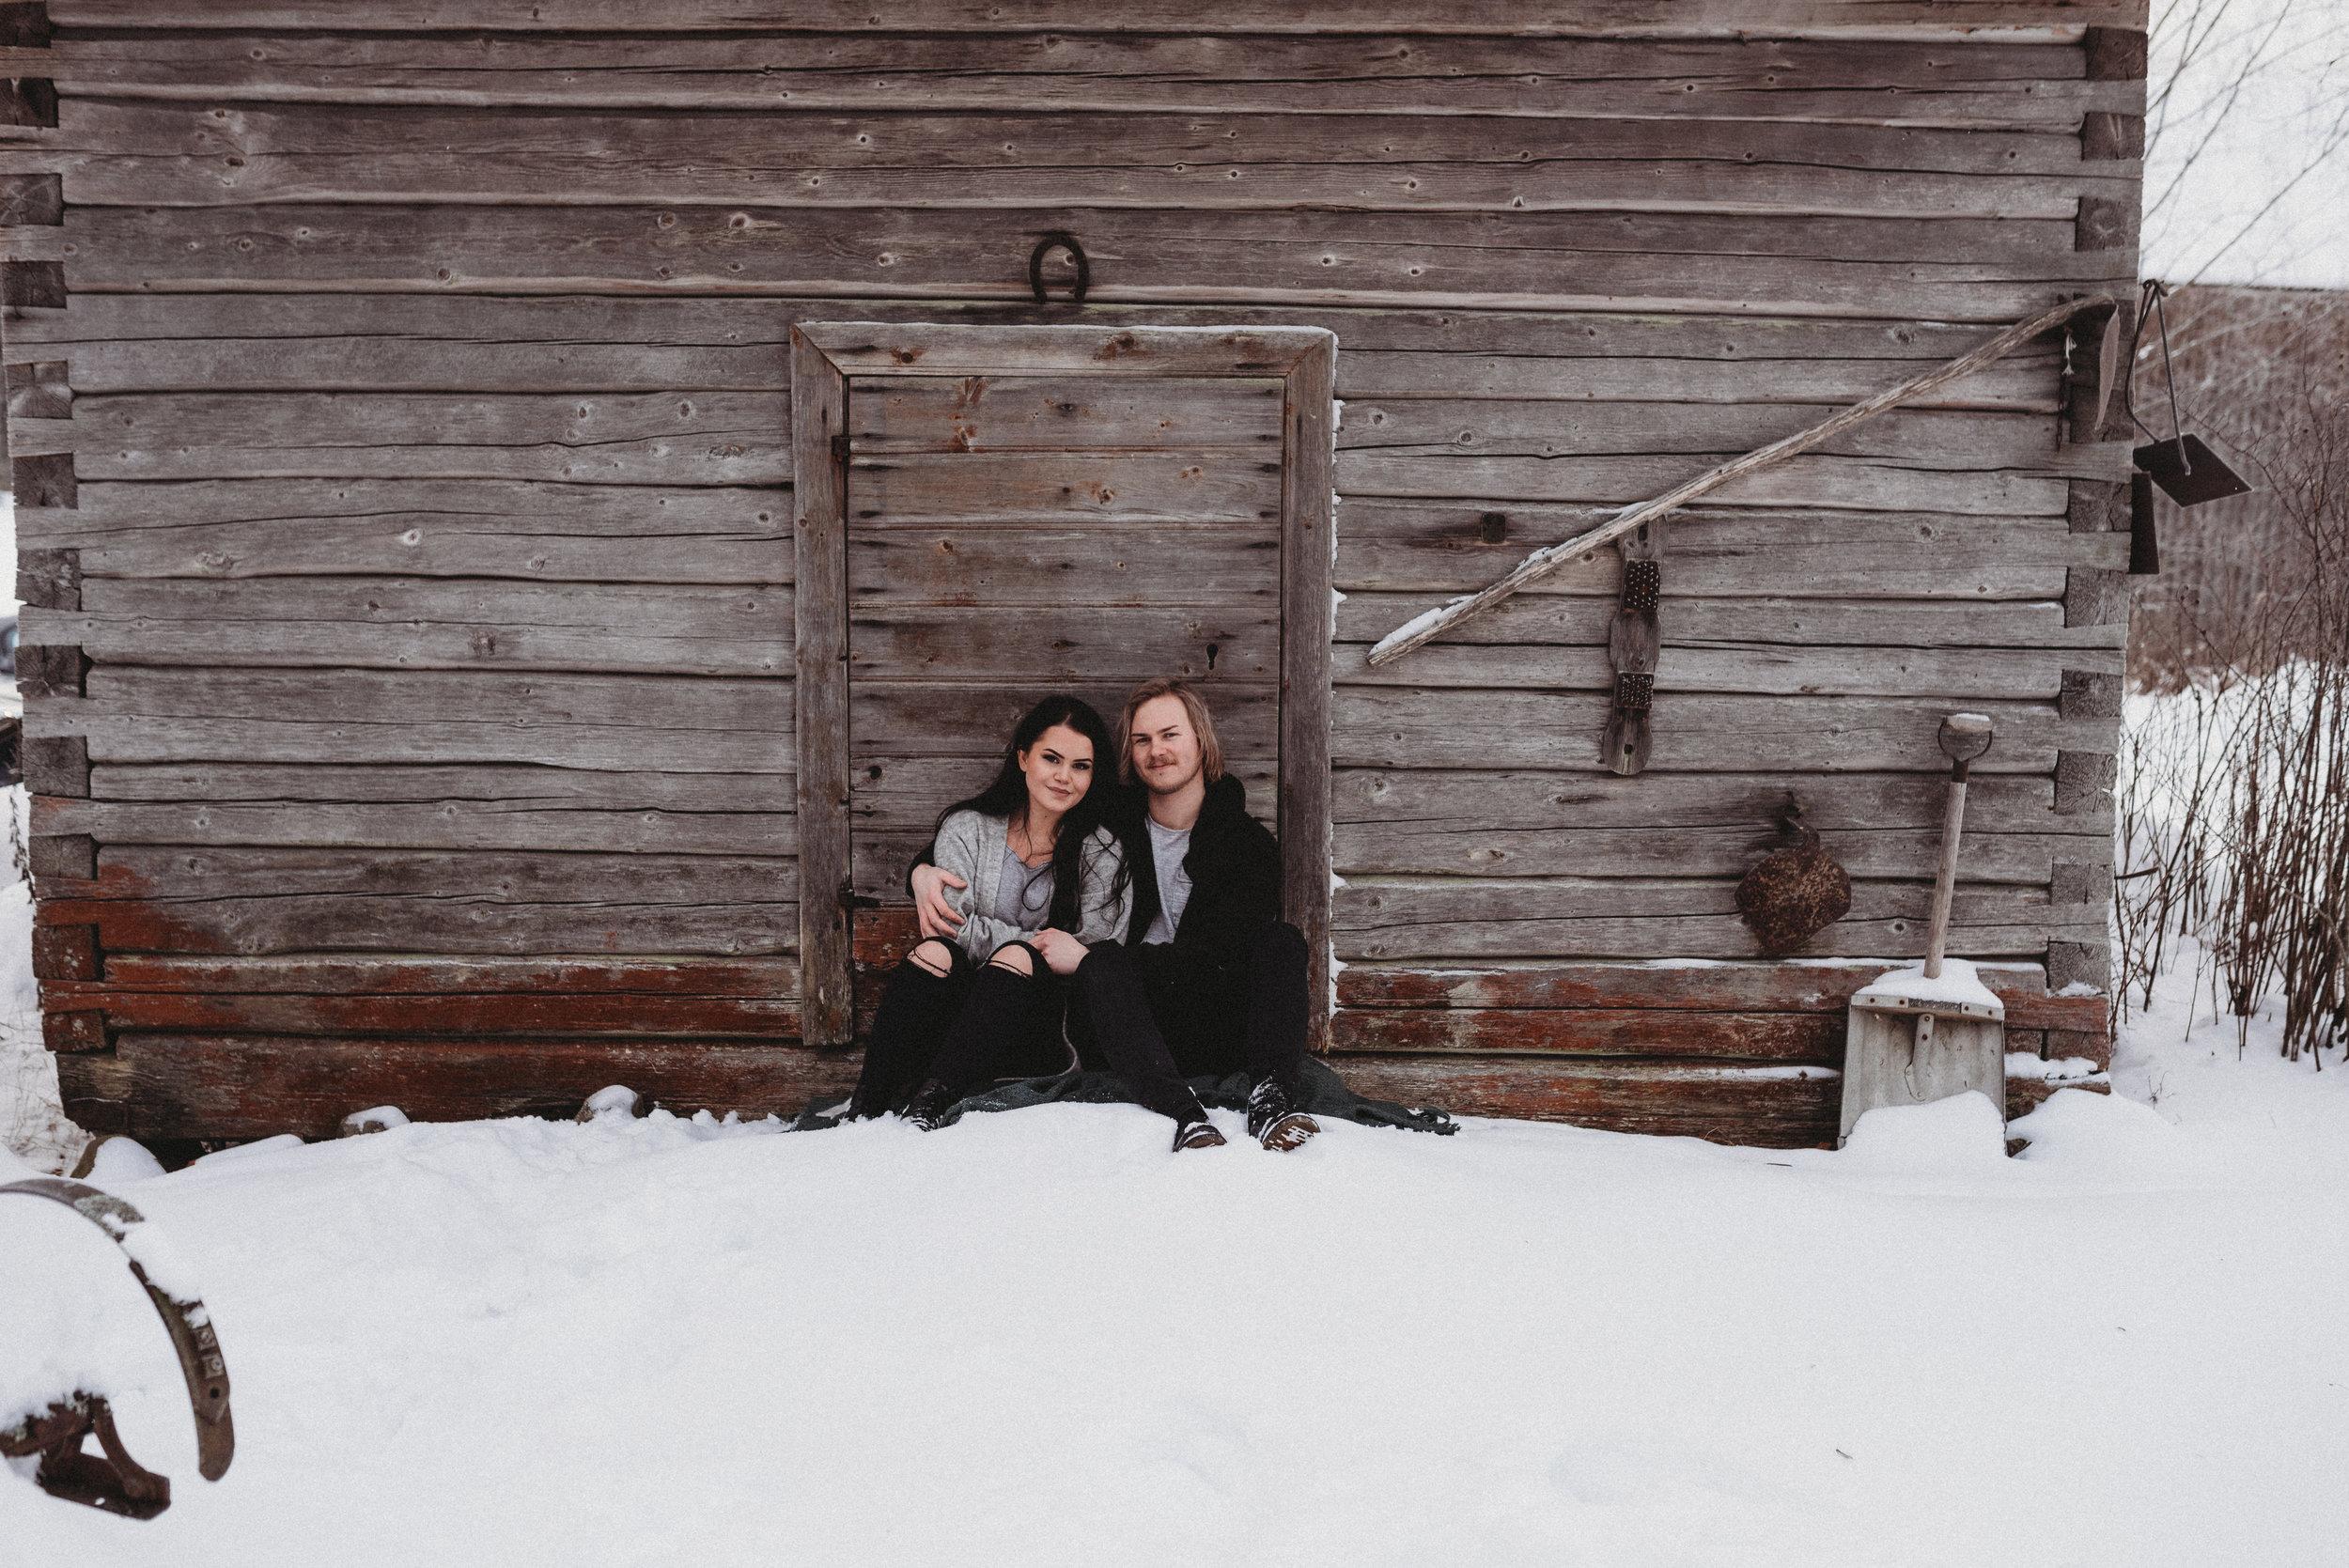 valokuvaus parikuvaus valokuvaaja hämeenlinna perhekuvaus rakkaus hääkuvaus häät2019 kihlakuvaus talvi suomen talvi salla s photography